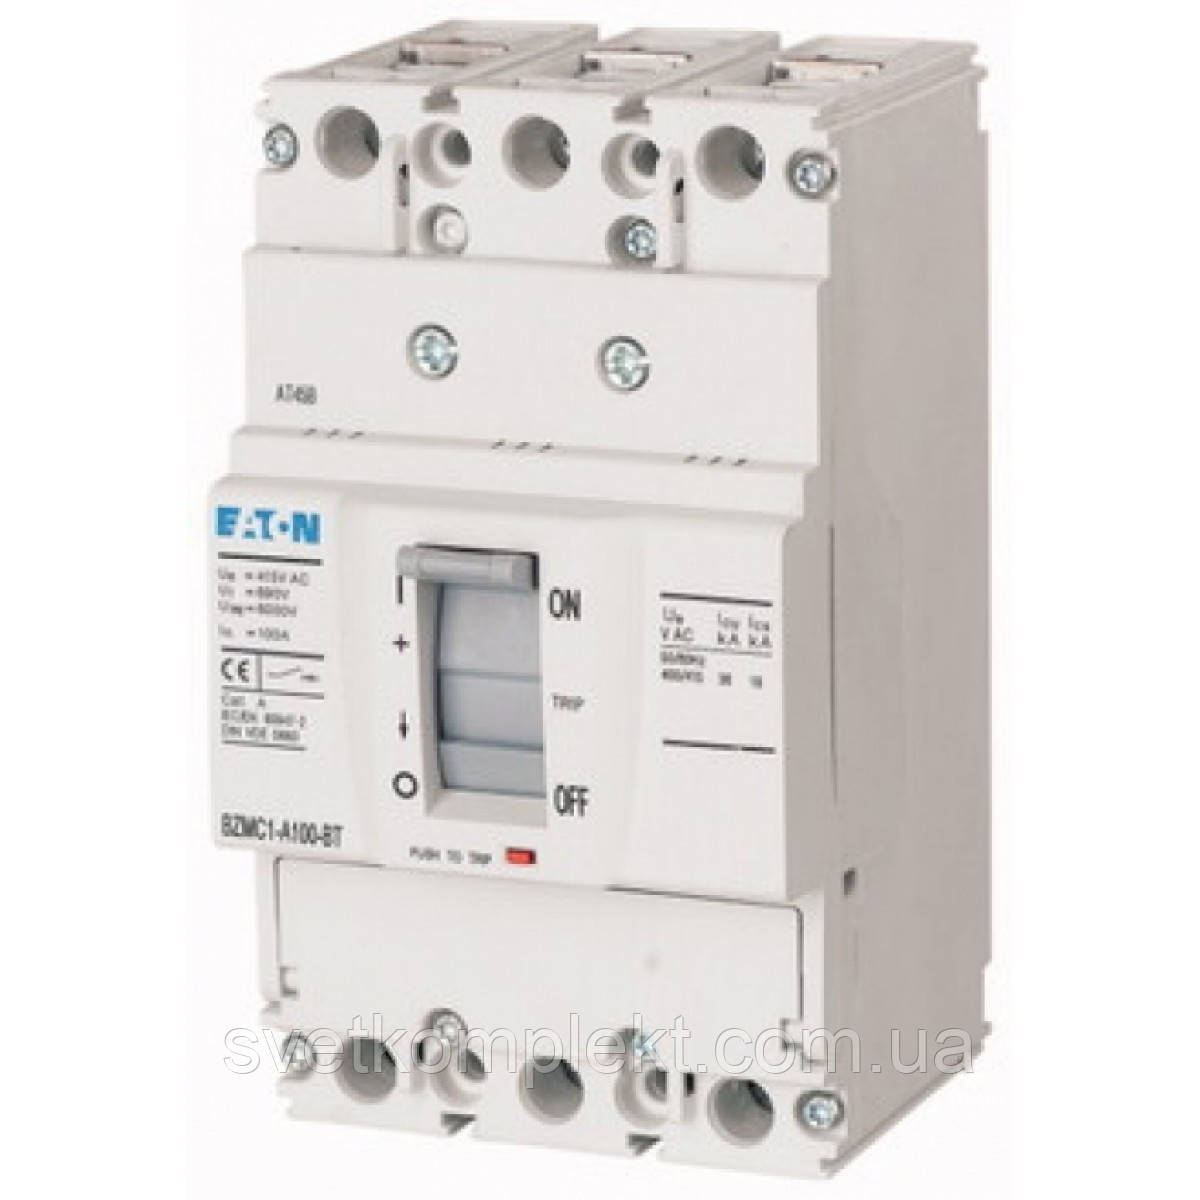 Выключатель автоматический BZMB1-A40 (40А 25кА) Eaton (109720)